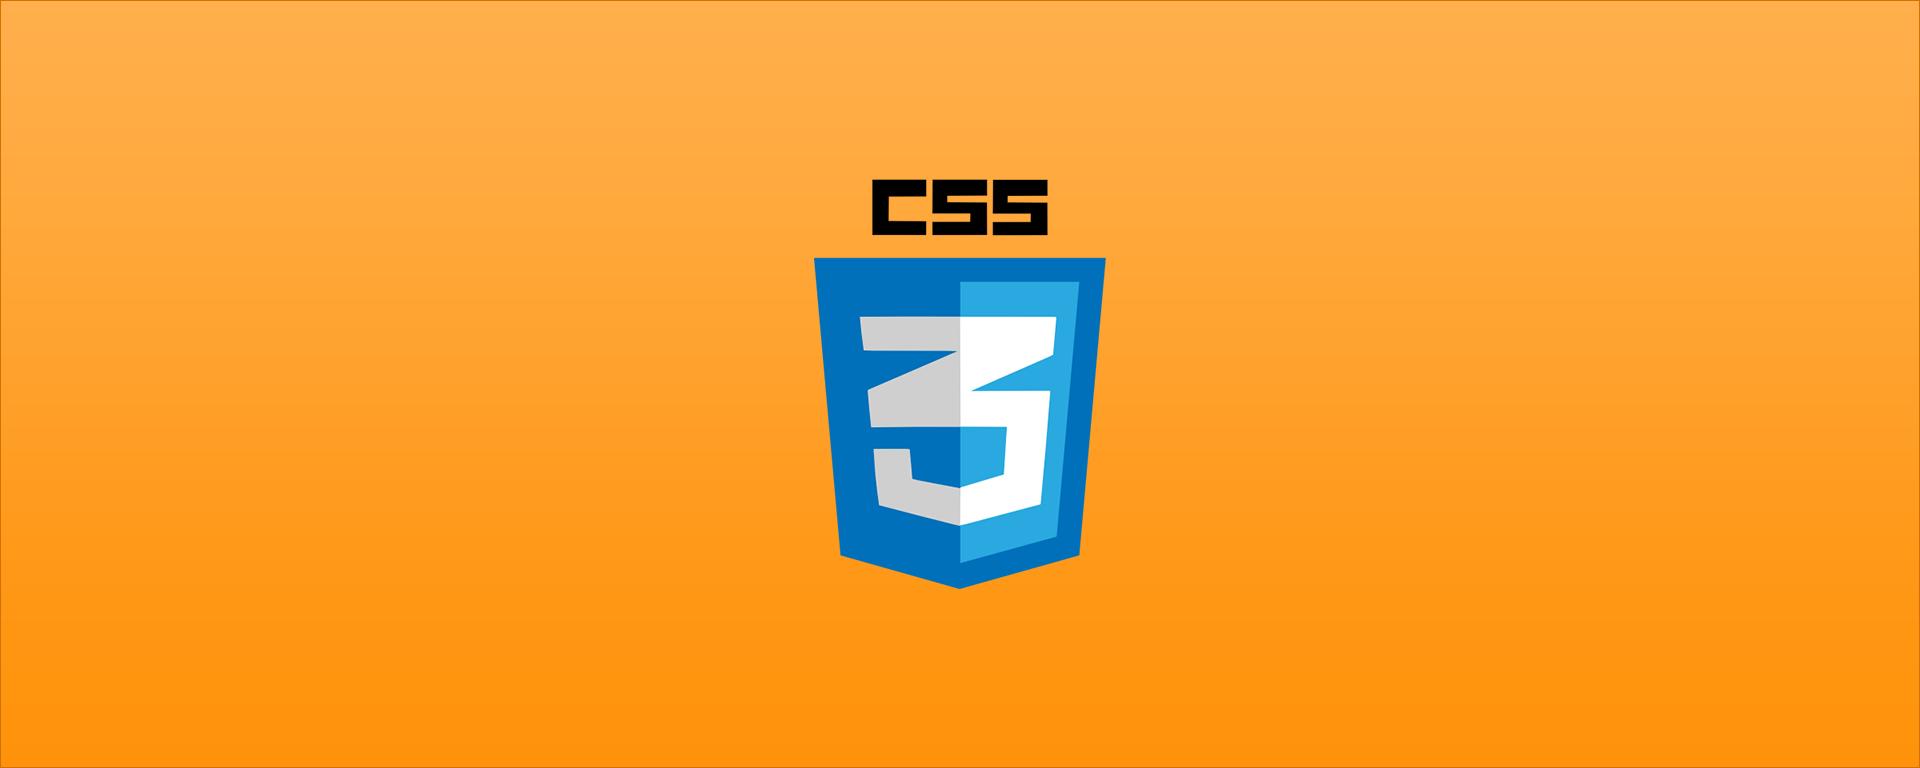 Layout Moderno: simple y limpio con CSS